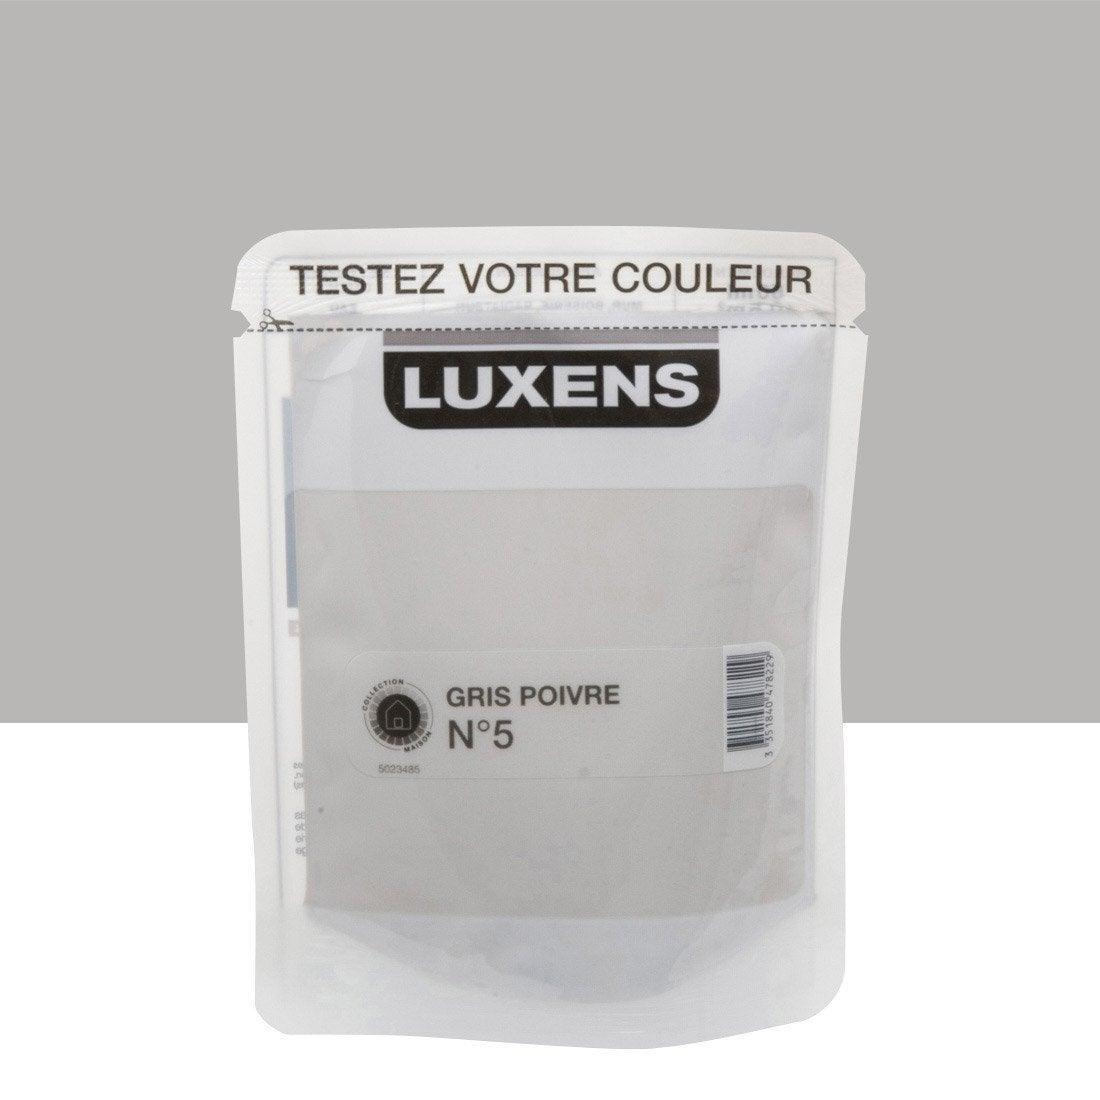 Testeur peinture gris poivre 5 luxens couleurs int rieures satin l leroy merlin for Peinture beige leroy merlin